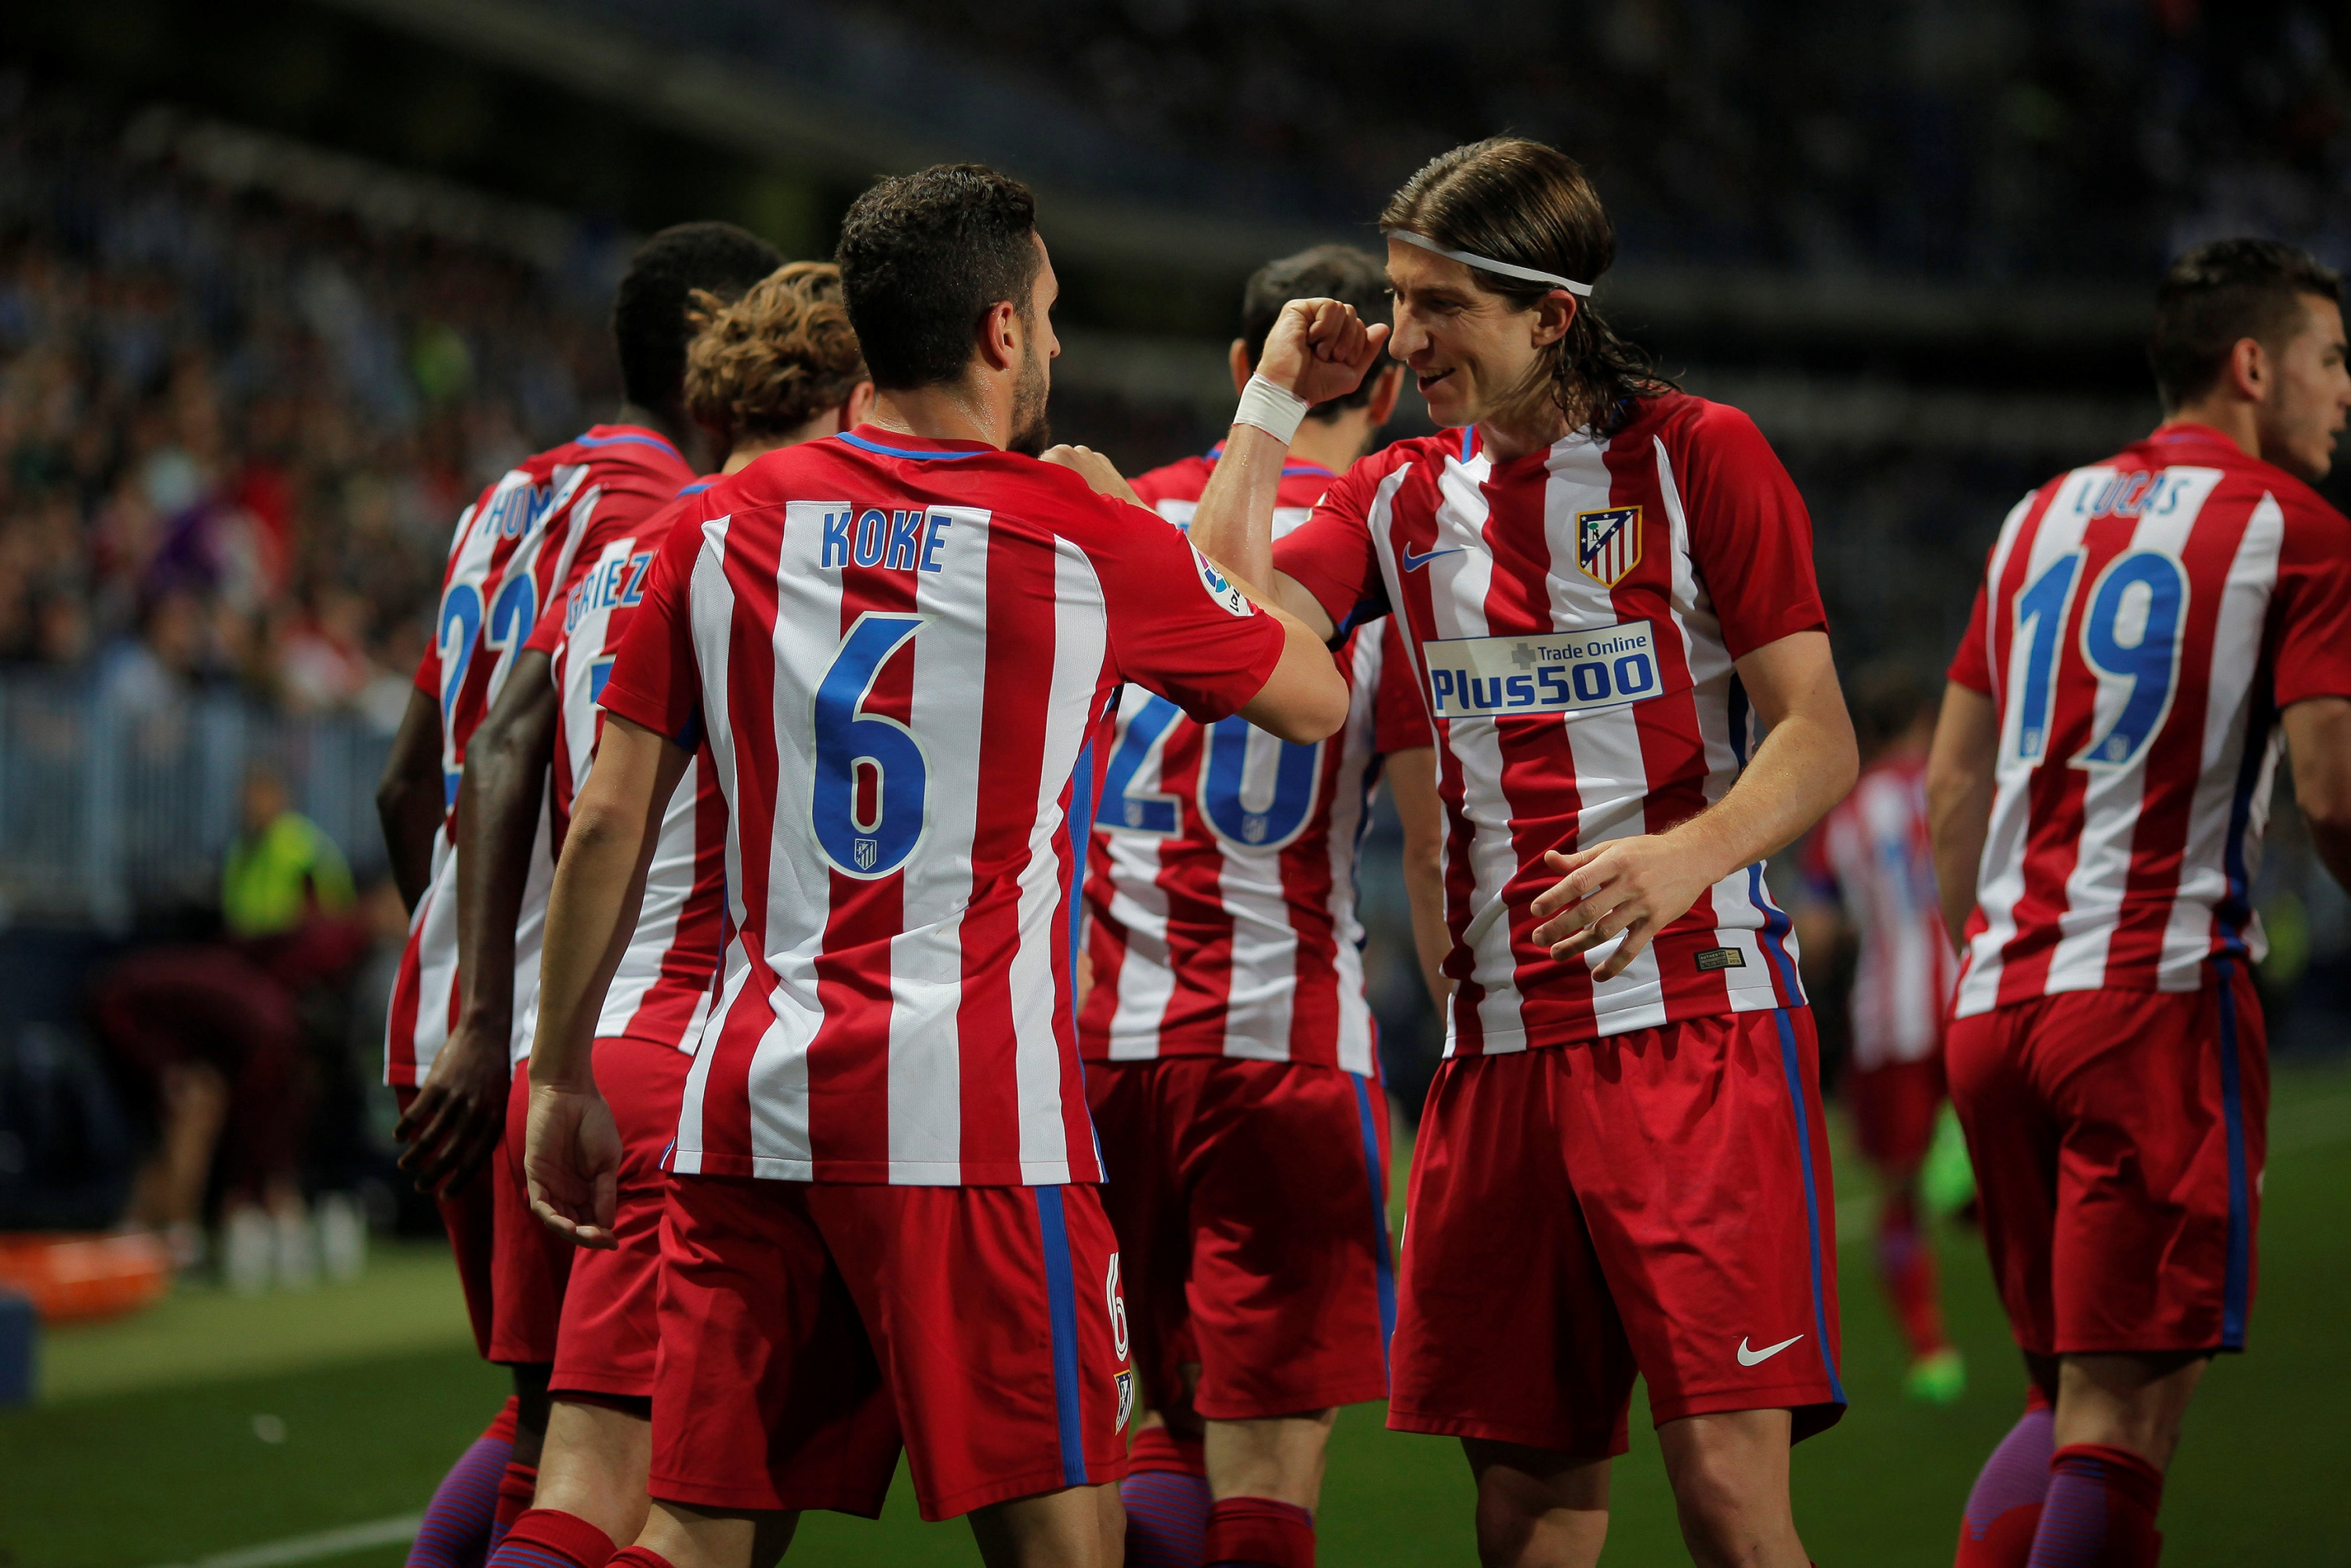 El Atlético gana y se acuesta tercero